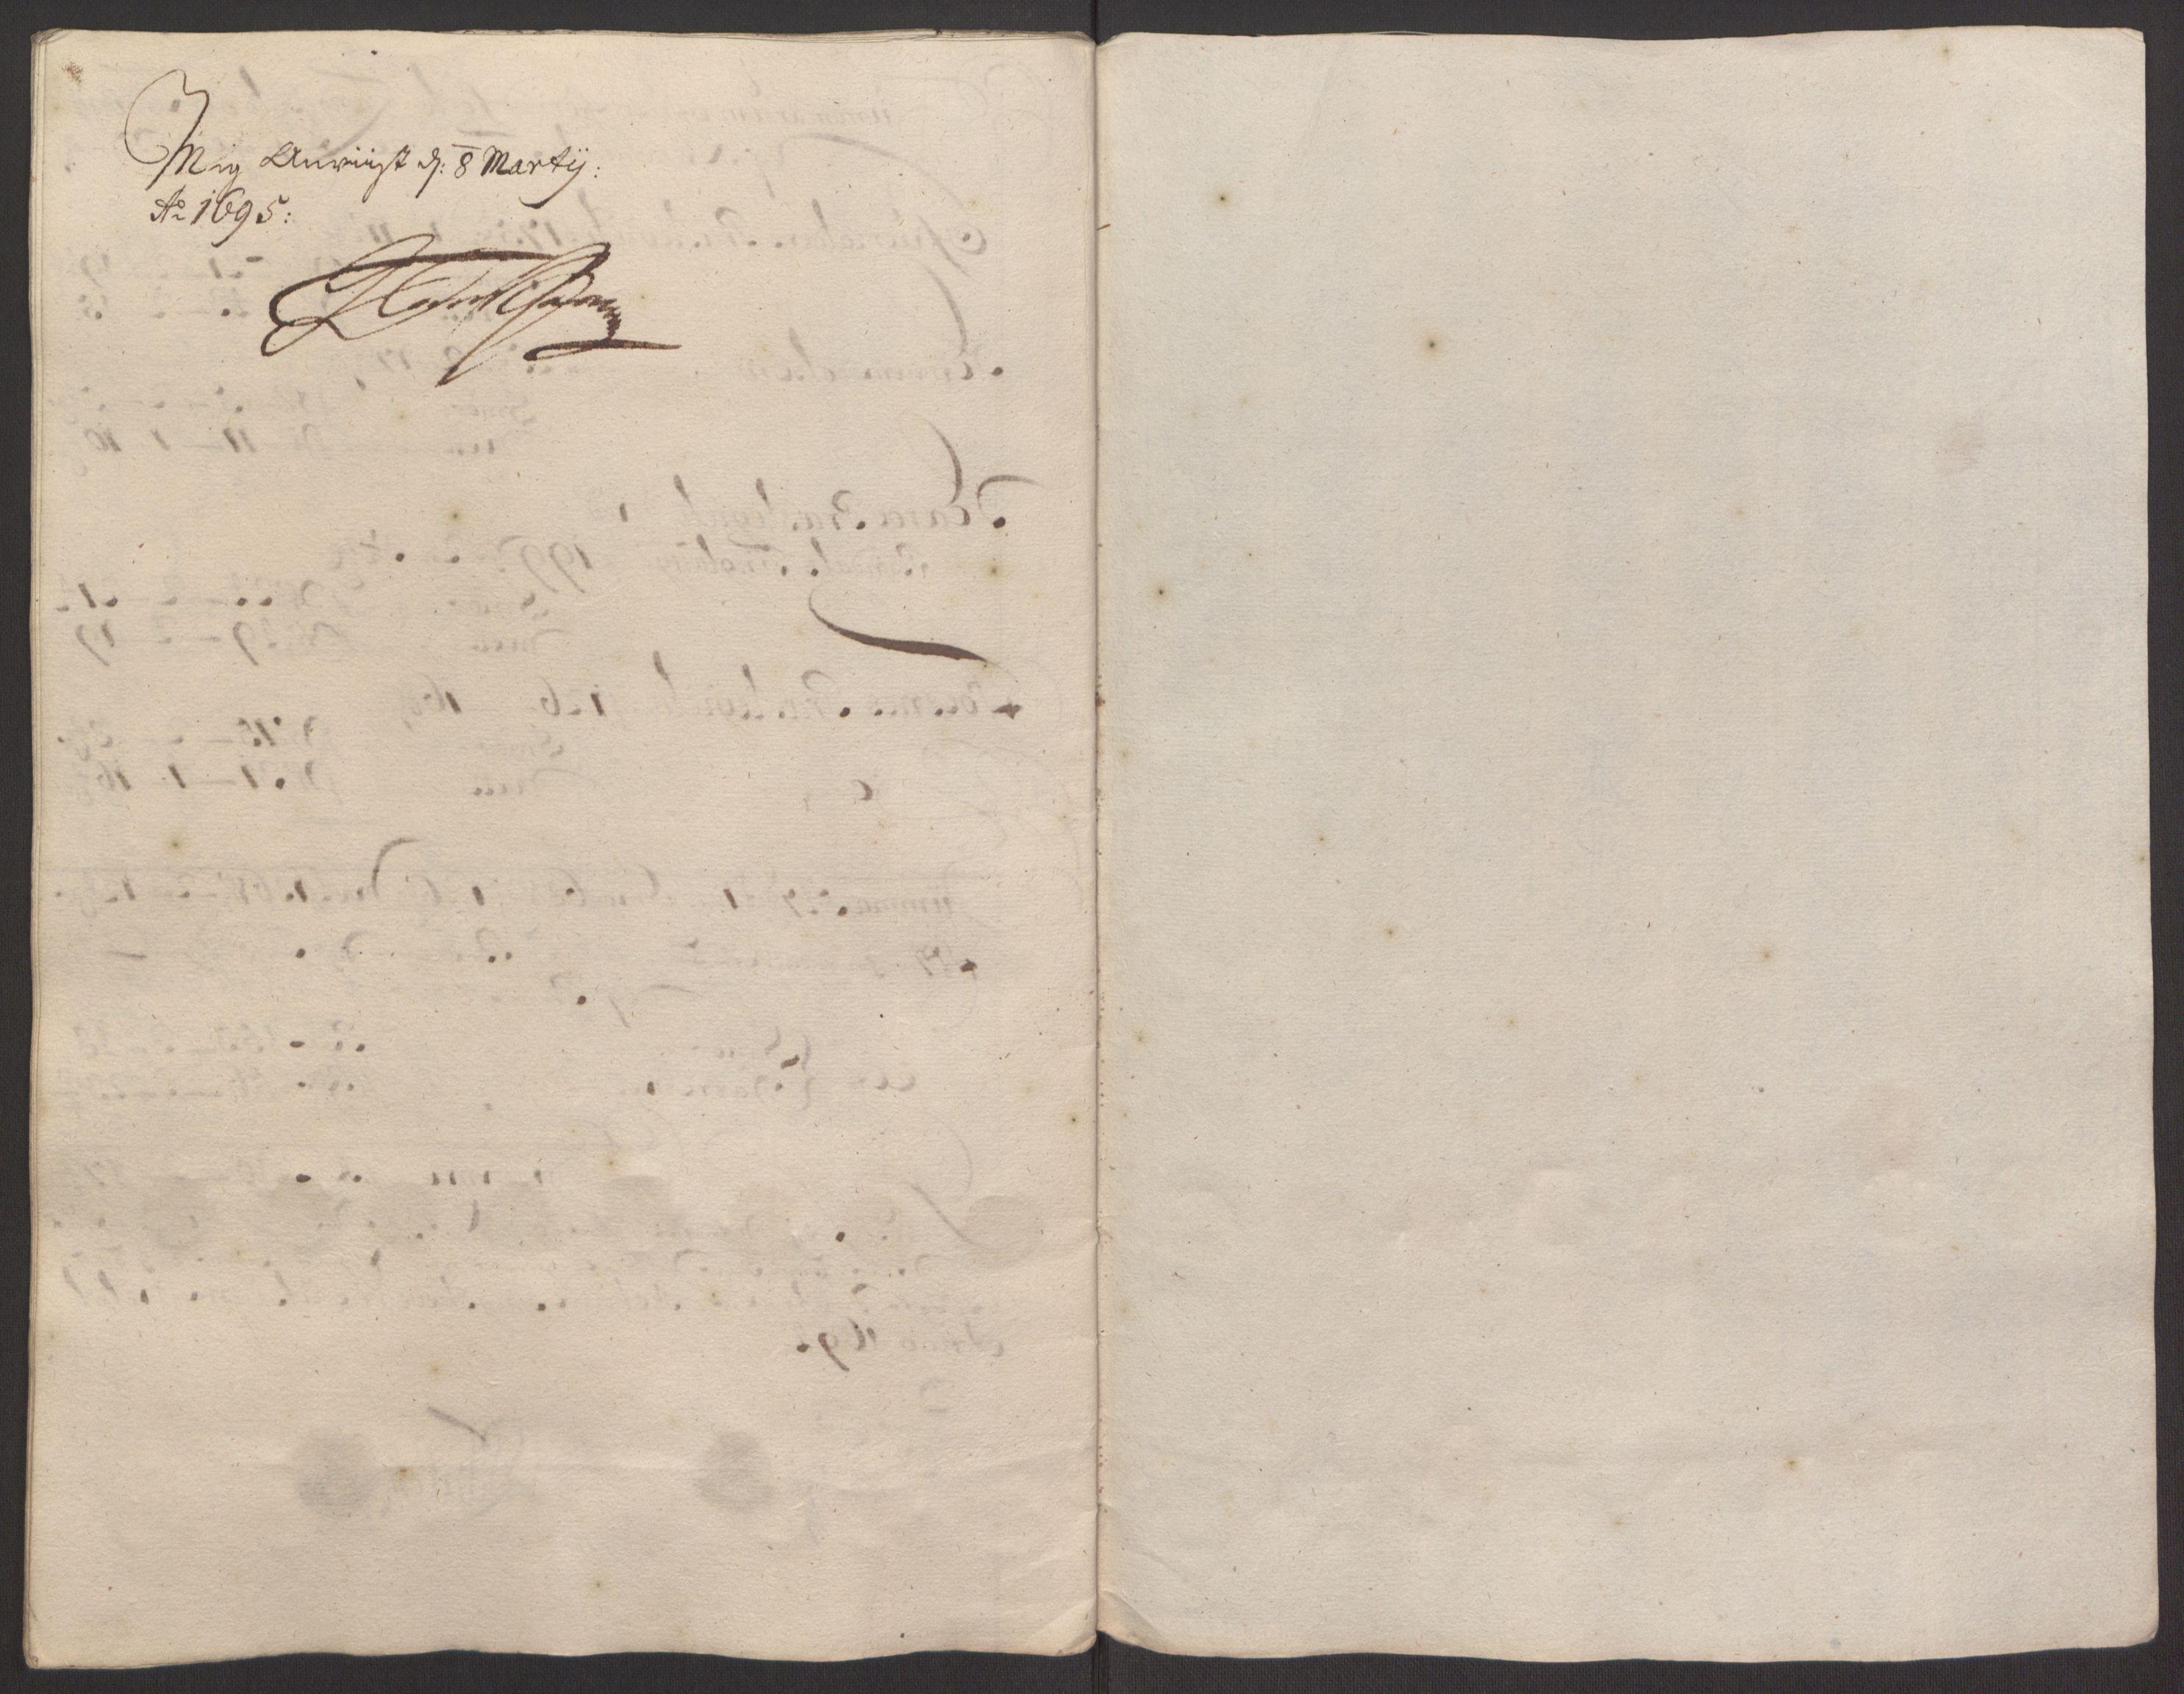 RA, Rentekammeret inntil 1814, Reviderte regnskaper, Fogderegnskap, R64/L4424: Fogderegnskap Namdal, 1692-1695, s. 388